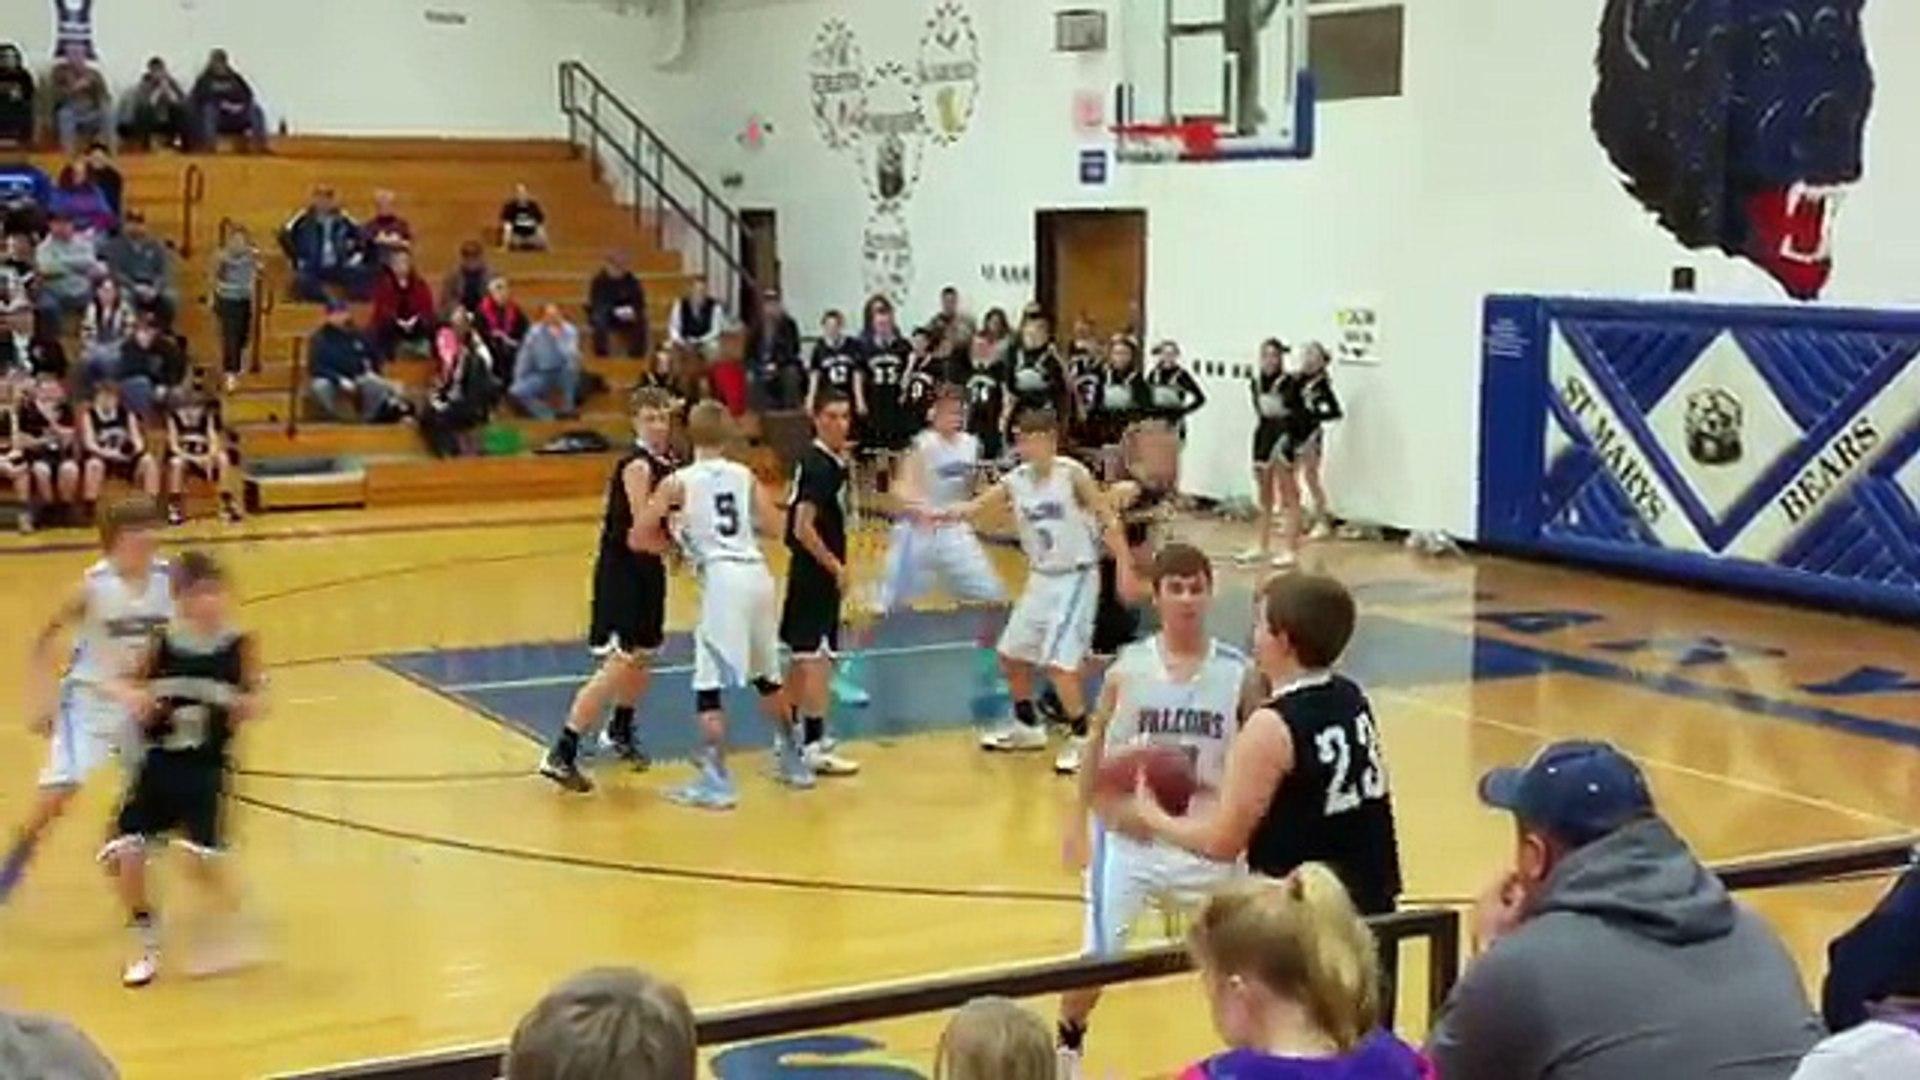 YouTube: equipo perdió el partido cuando la pelota se atoró en el aro (VIDEO)